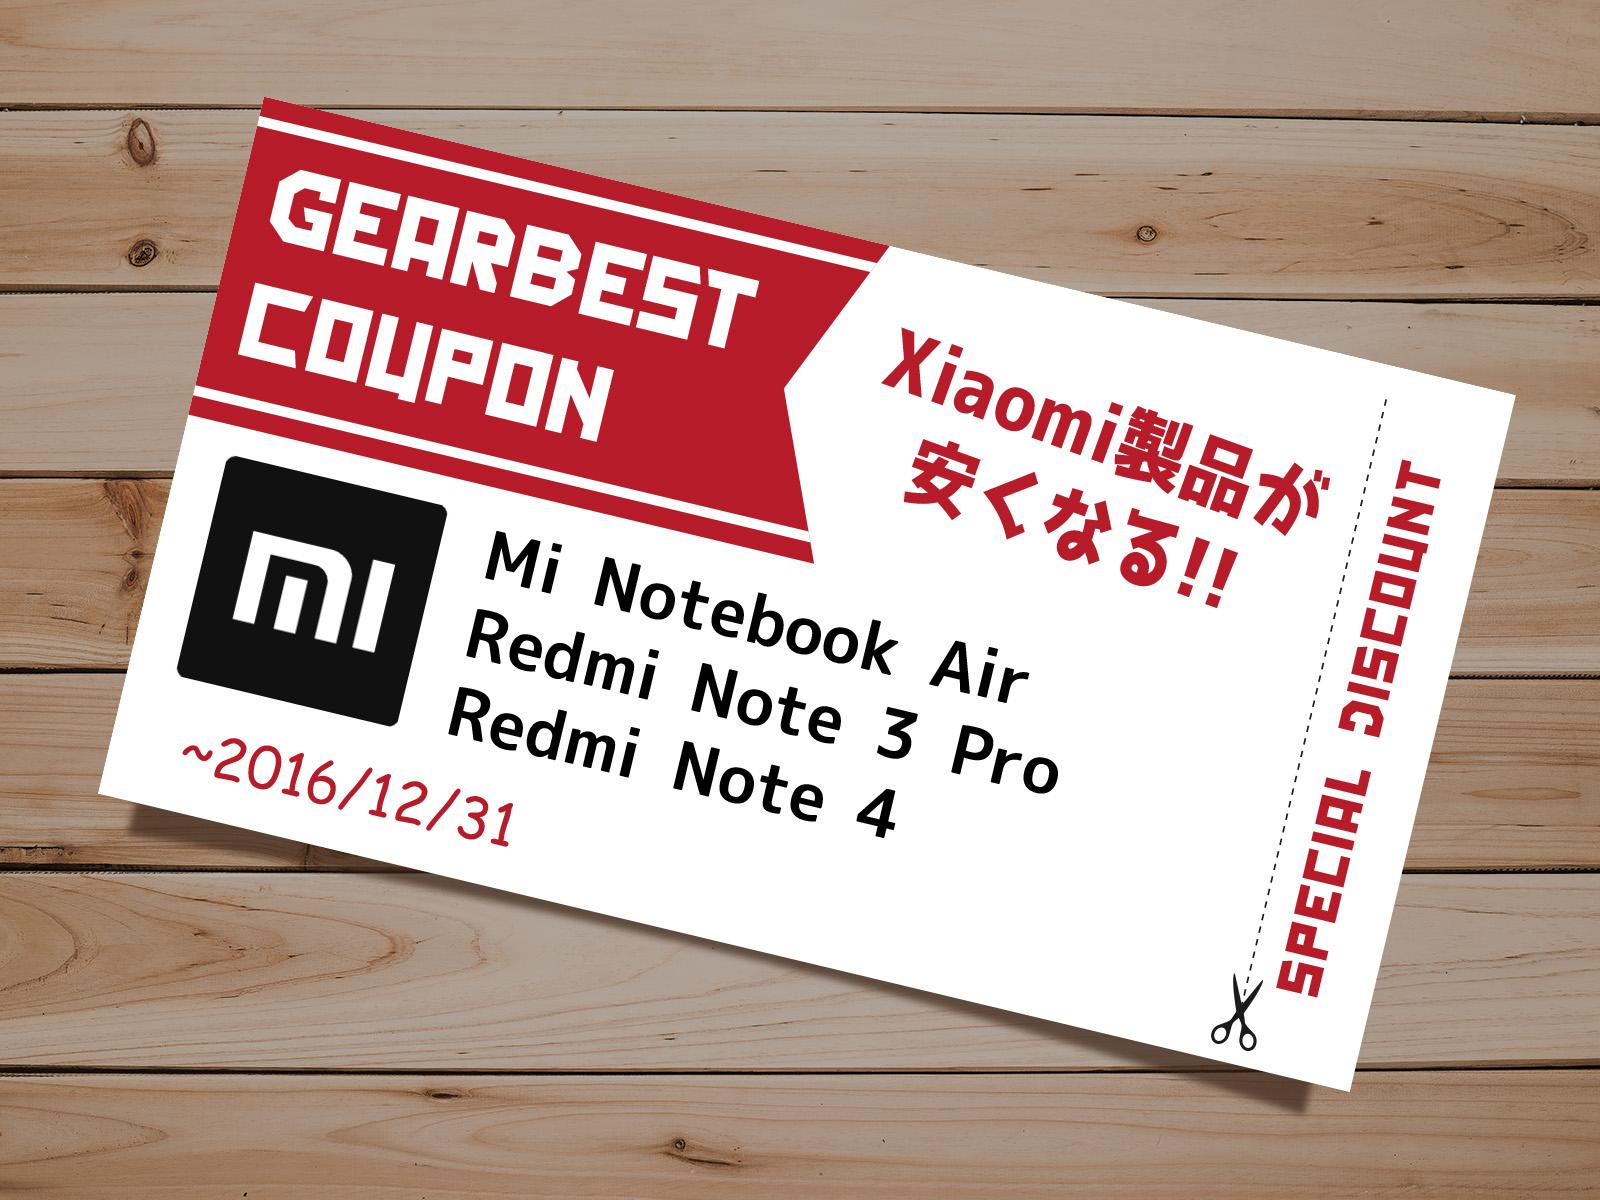 GearBest Xiaomi クーポン